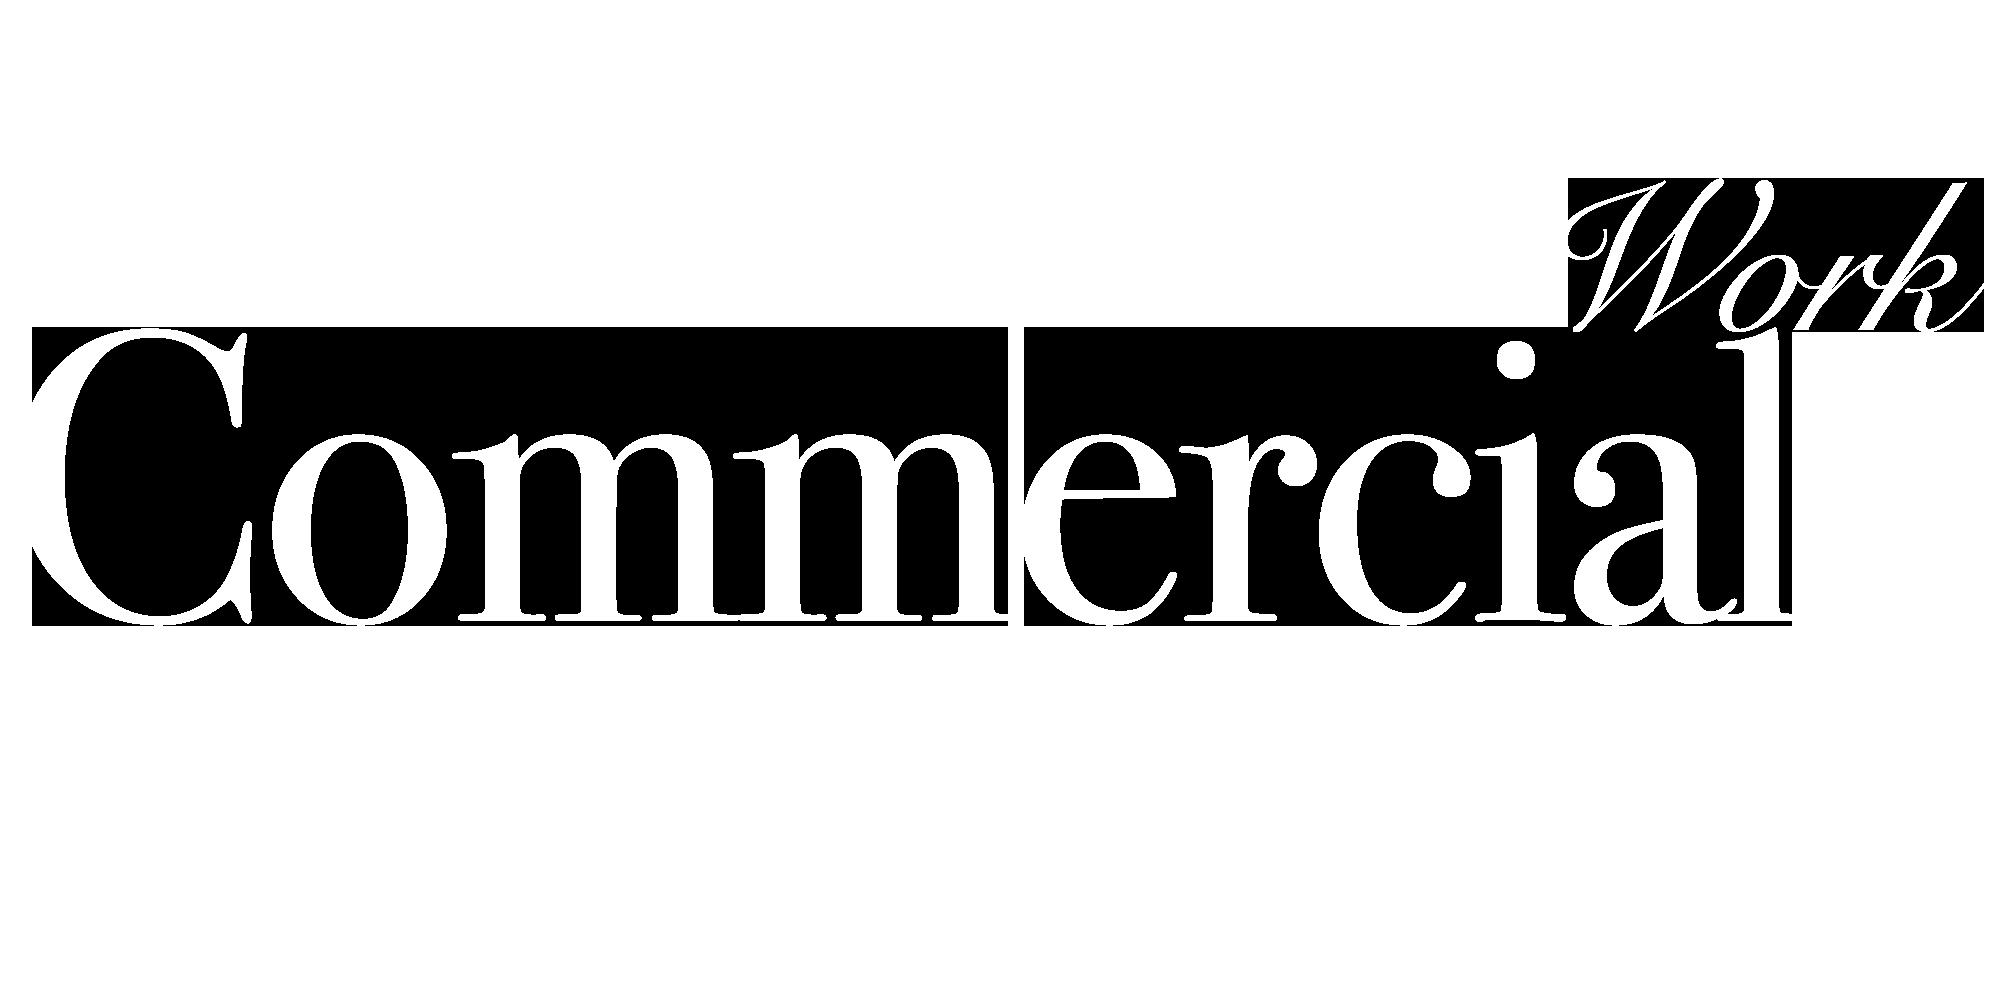 Commercial Work Navigation